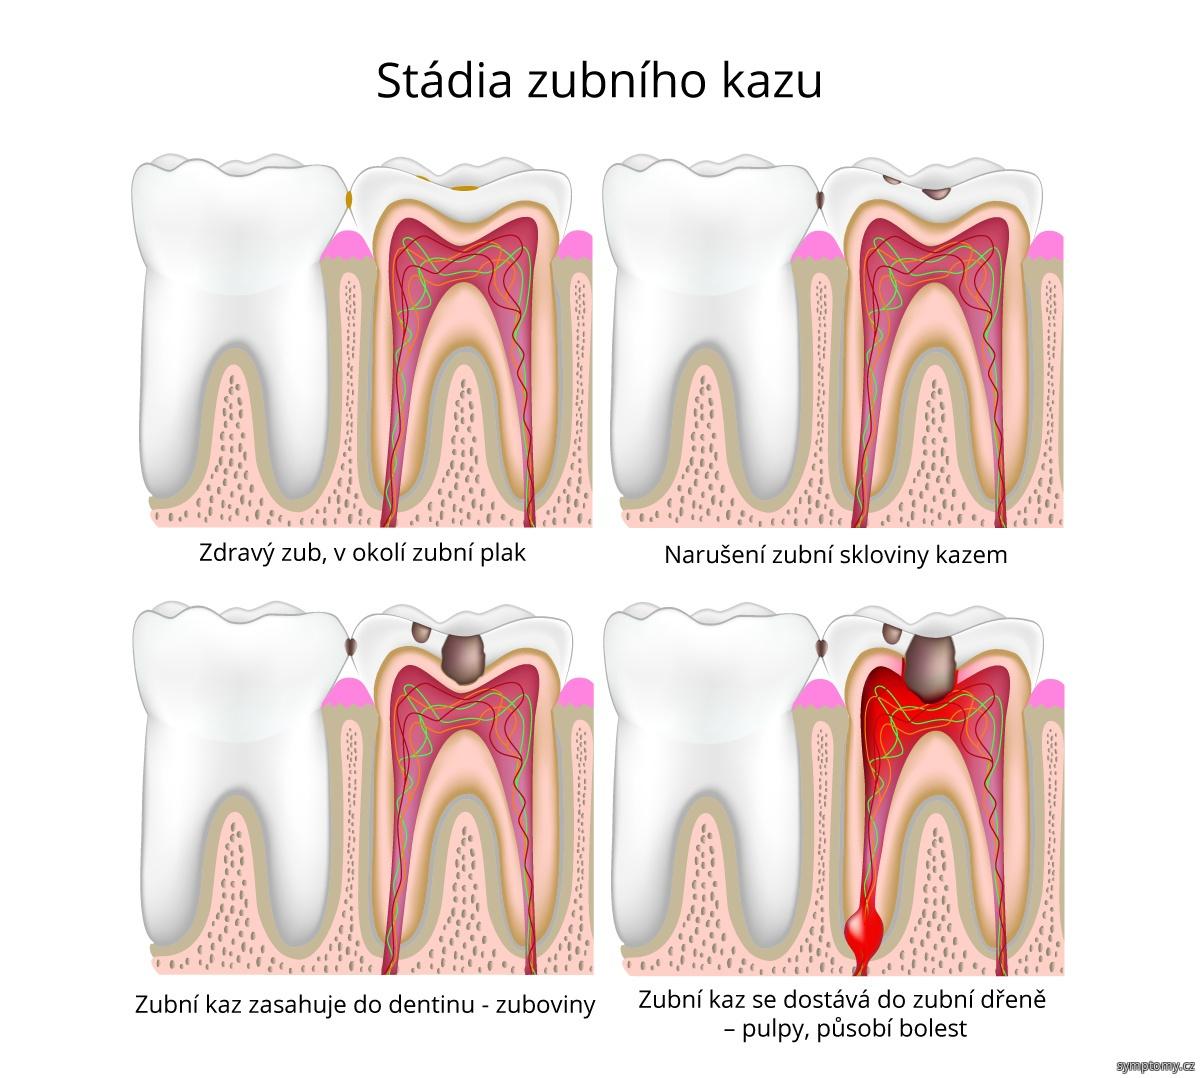 Stádia zubního kazu